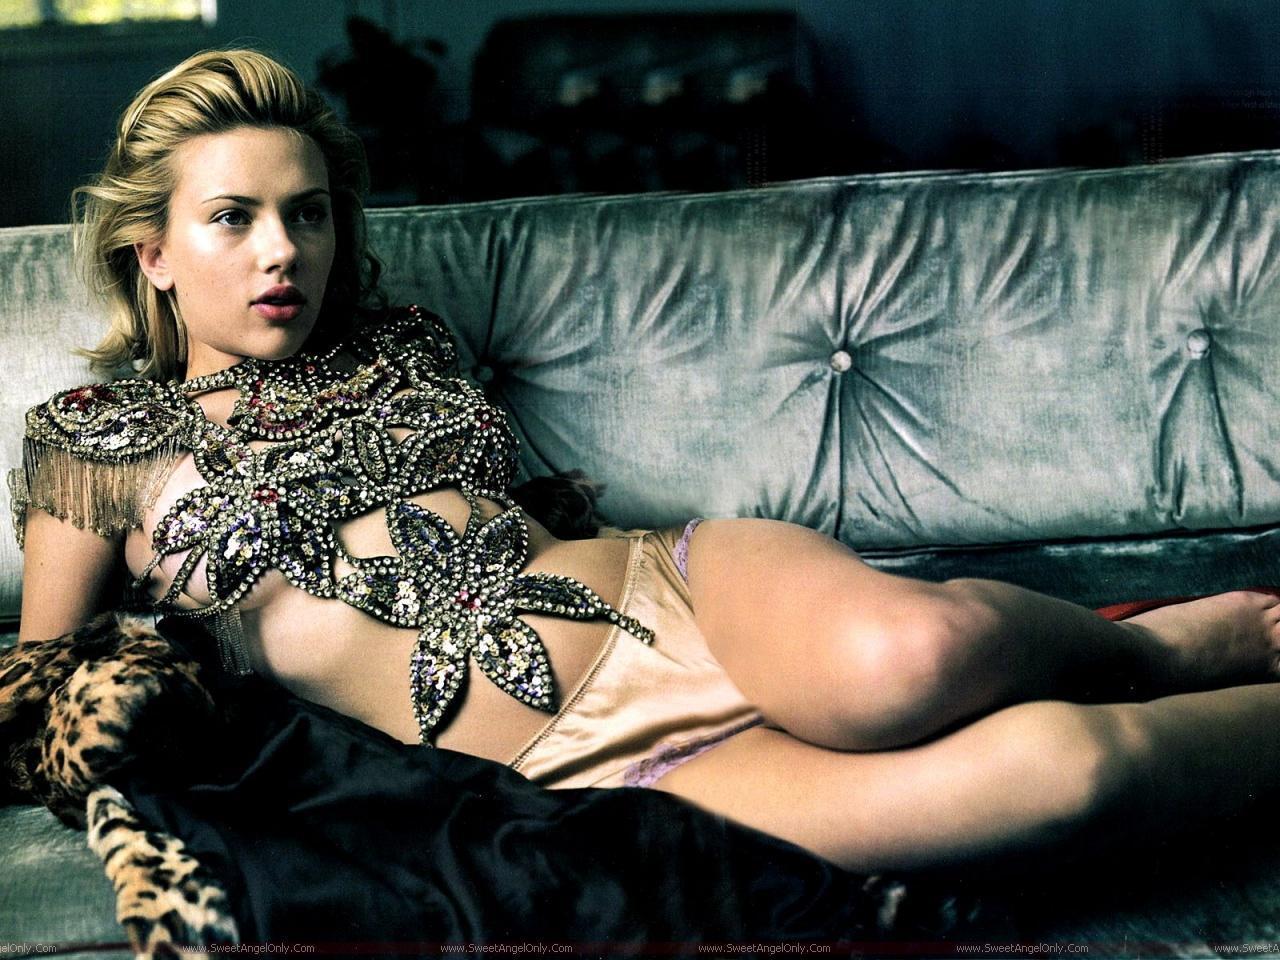 http://2.bp.blogspot.com/-bmoZJL3kQ9I/TjbcLl4L7QI/AAAAAAAAIQw/afvCOjJDgAY/s1600/Scarlett_Johansson_lingerie_wallpaper_hd.jpg